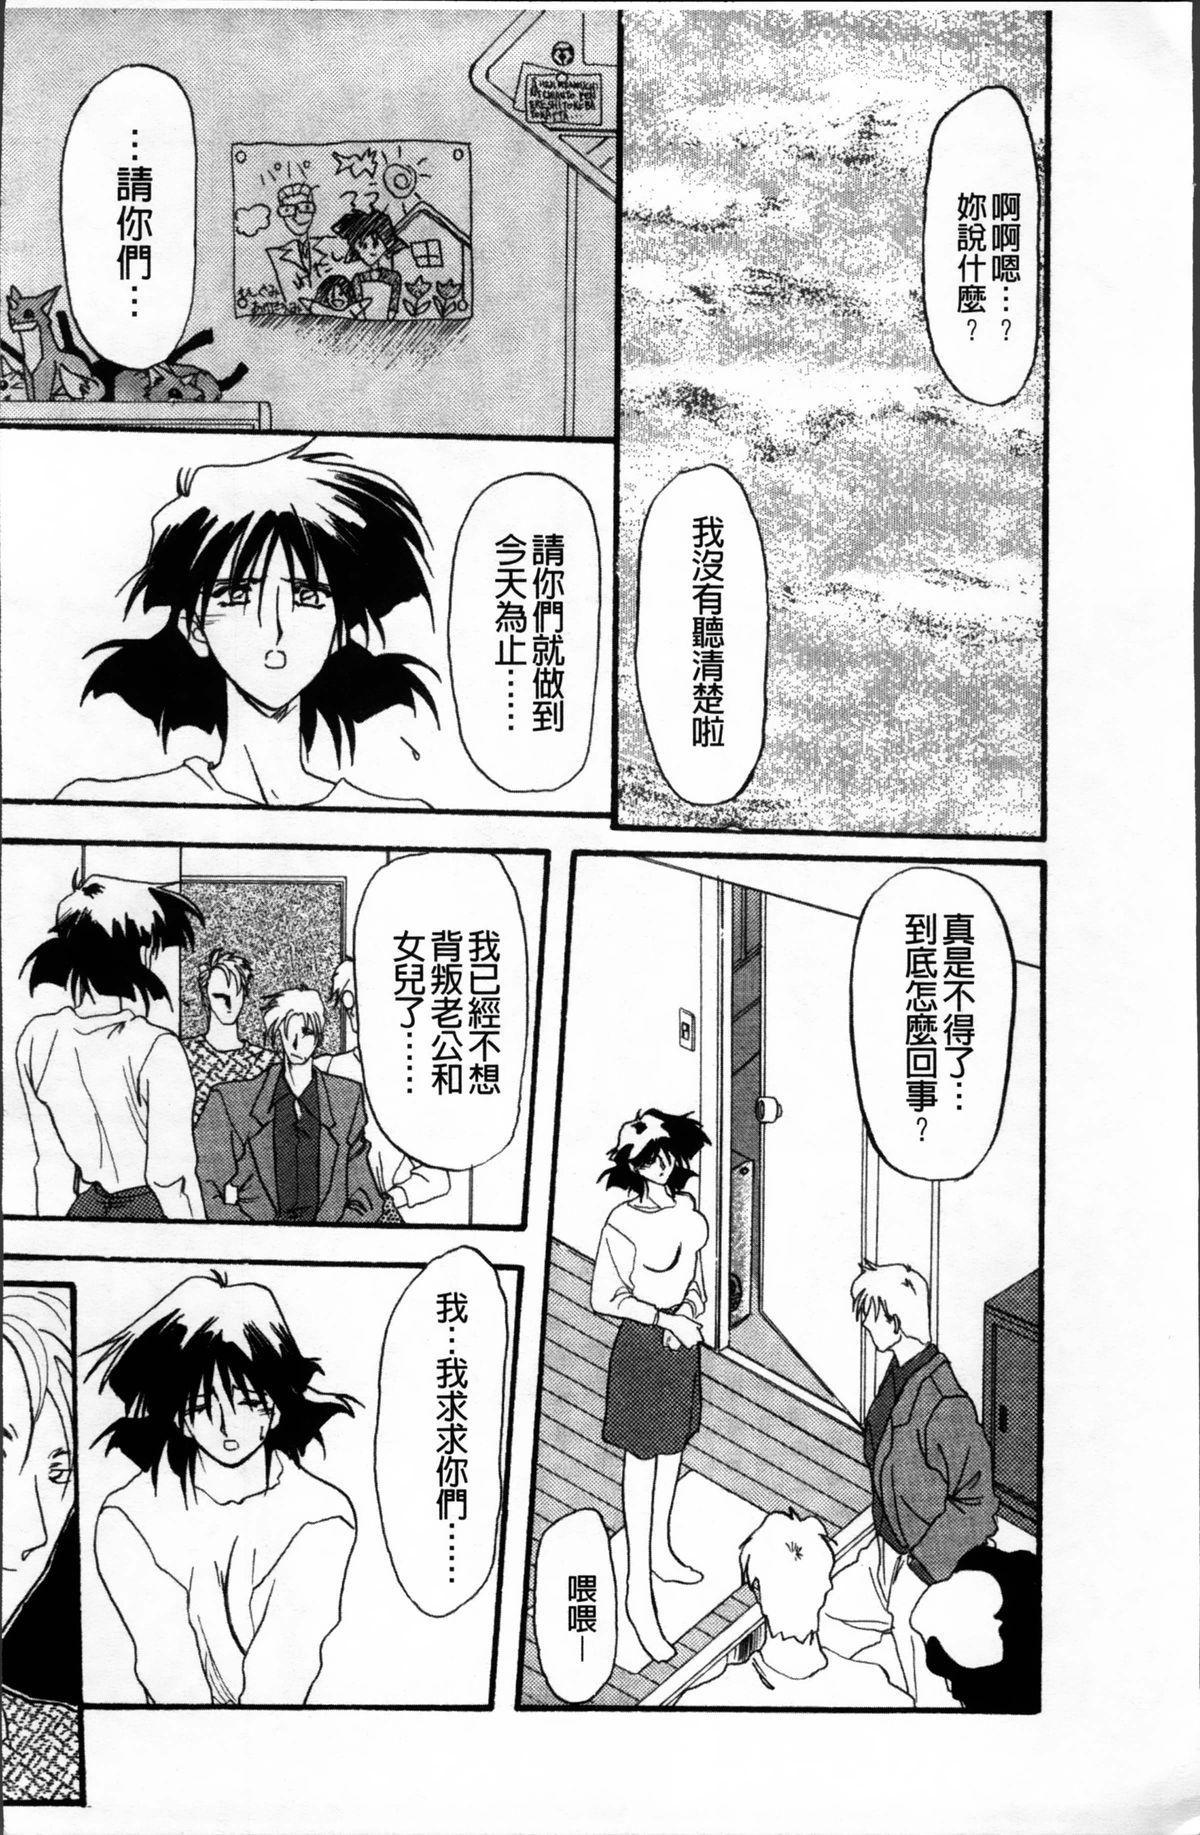 Hiiro no Koku Kanzenban   緋色之刻 完全版 61